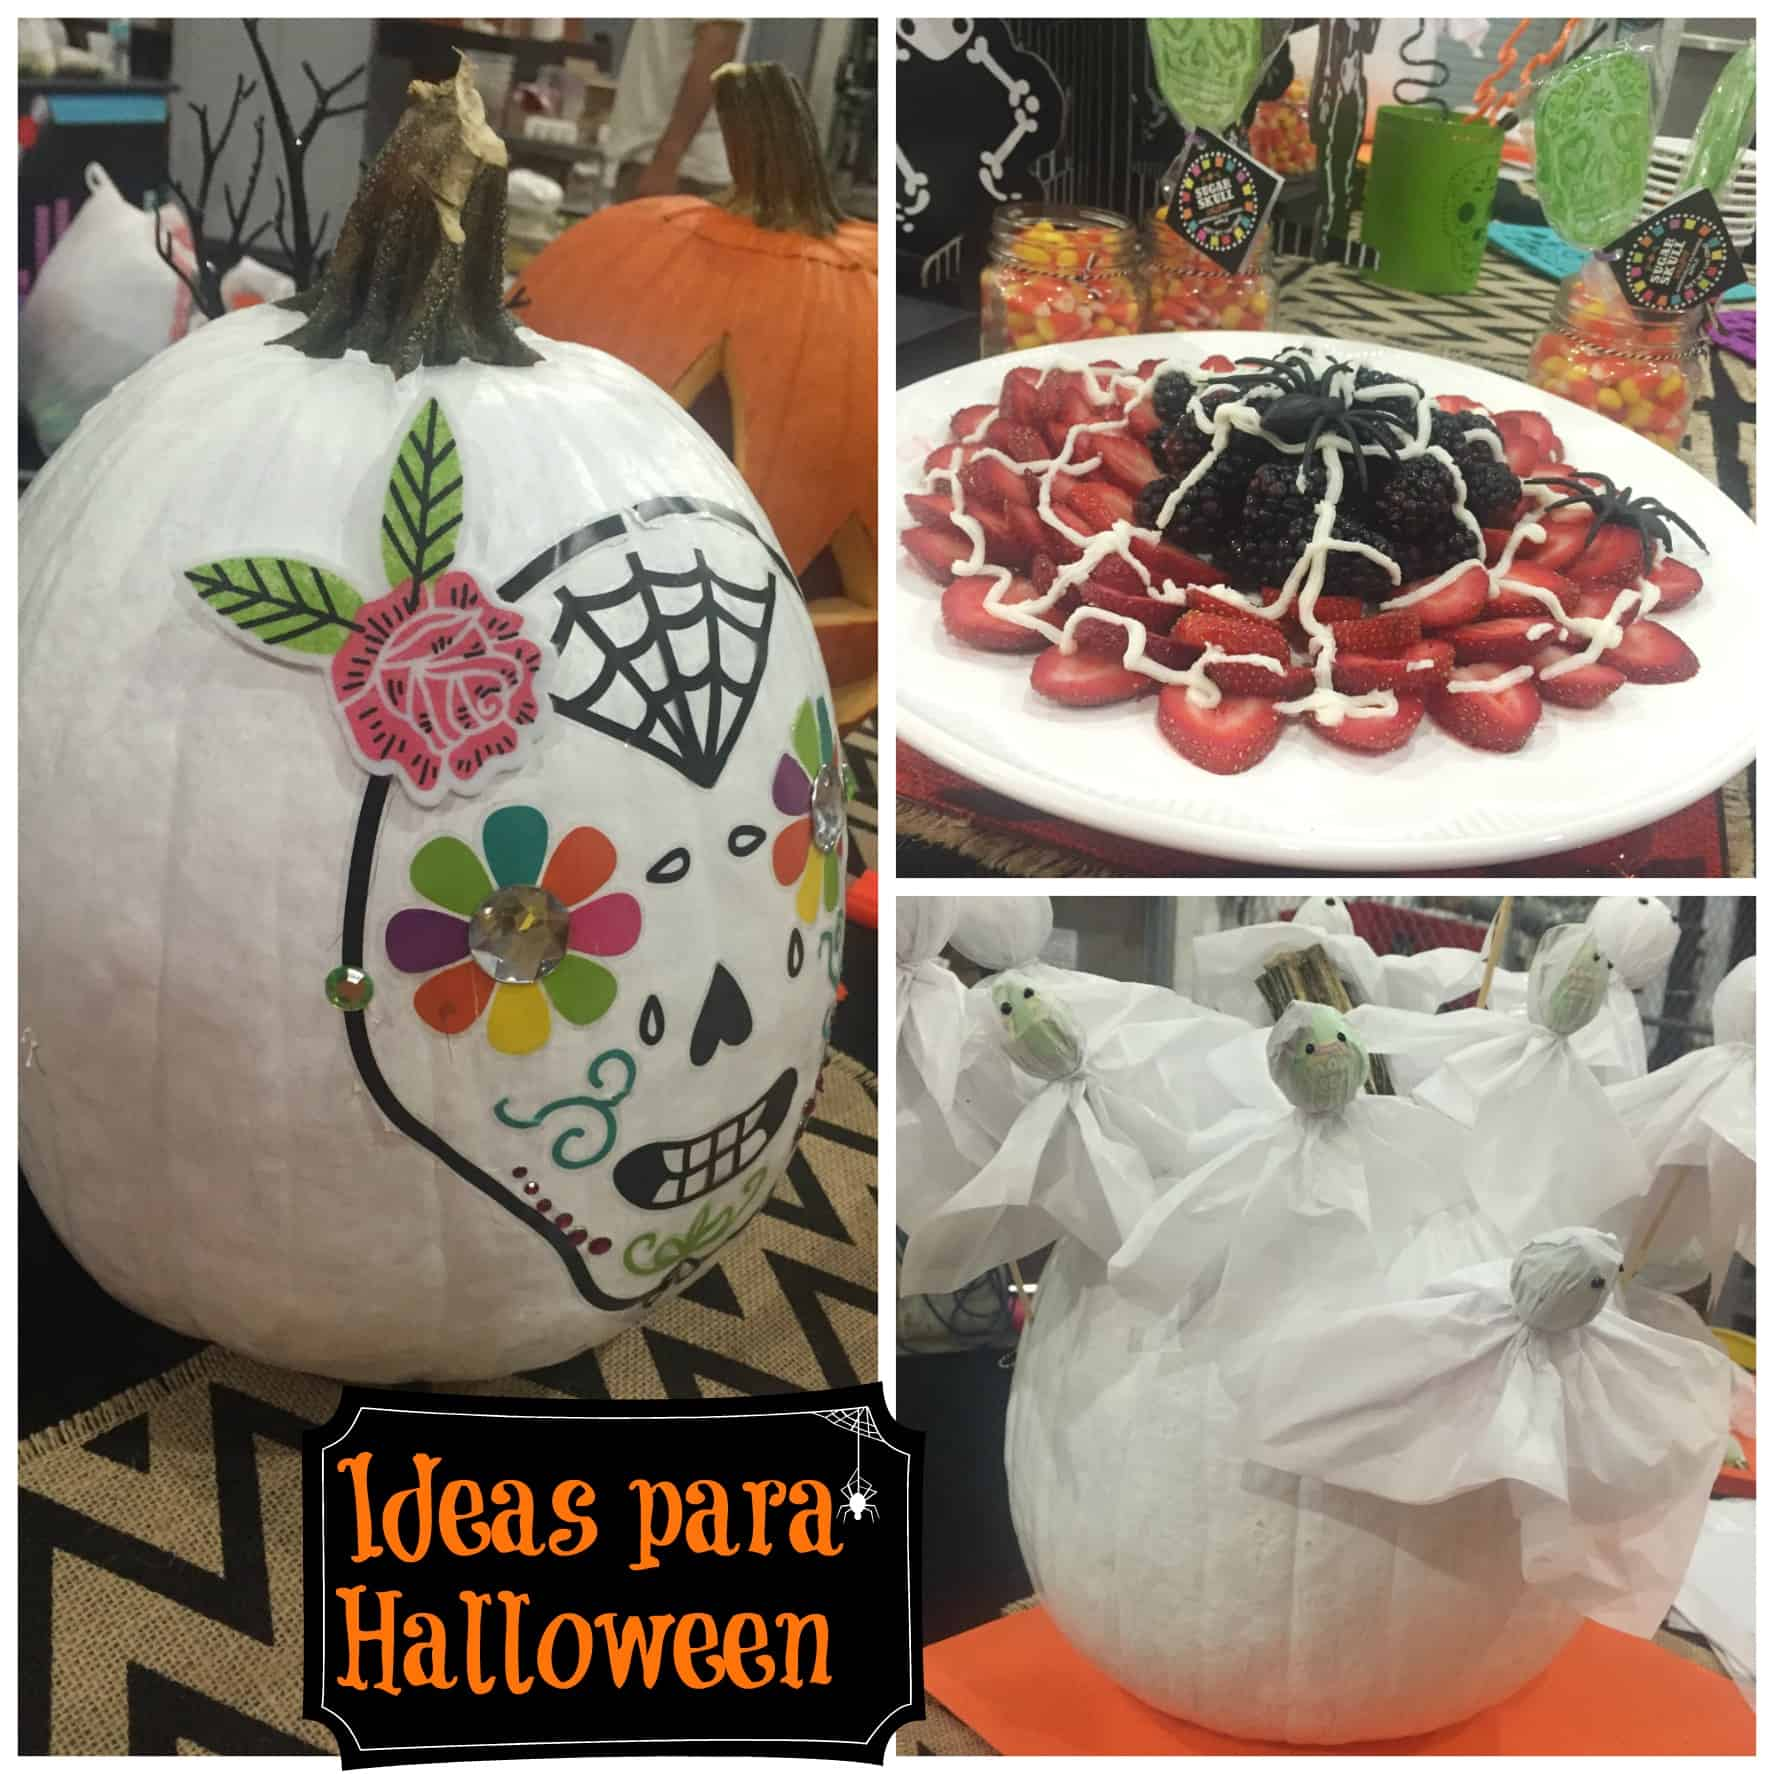 Ideas y consejos para una fiesta de halloween hispana global - Ideas para fiesta de halloween ...